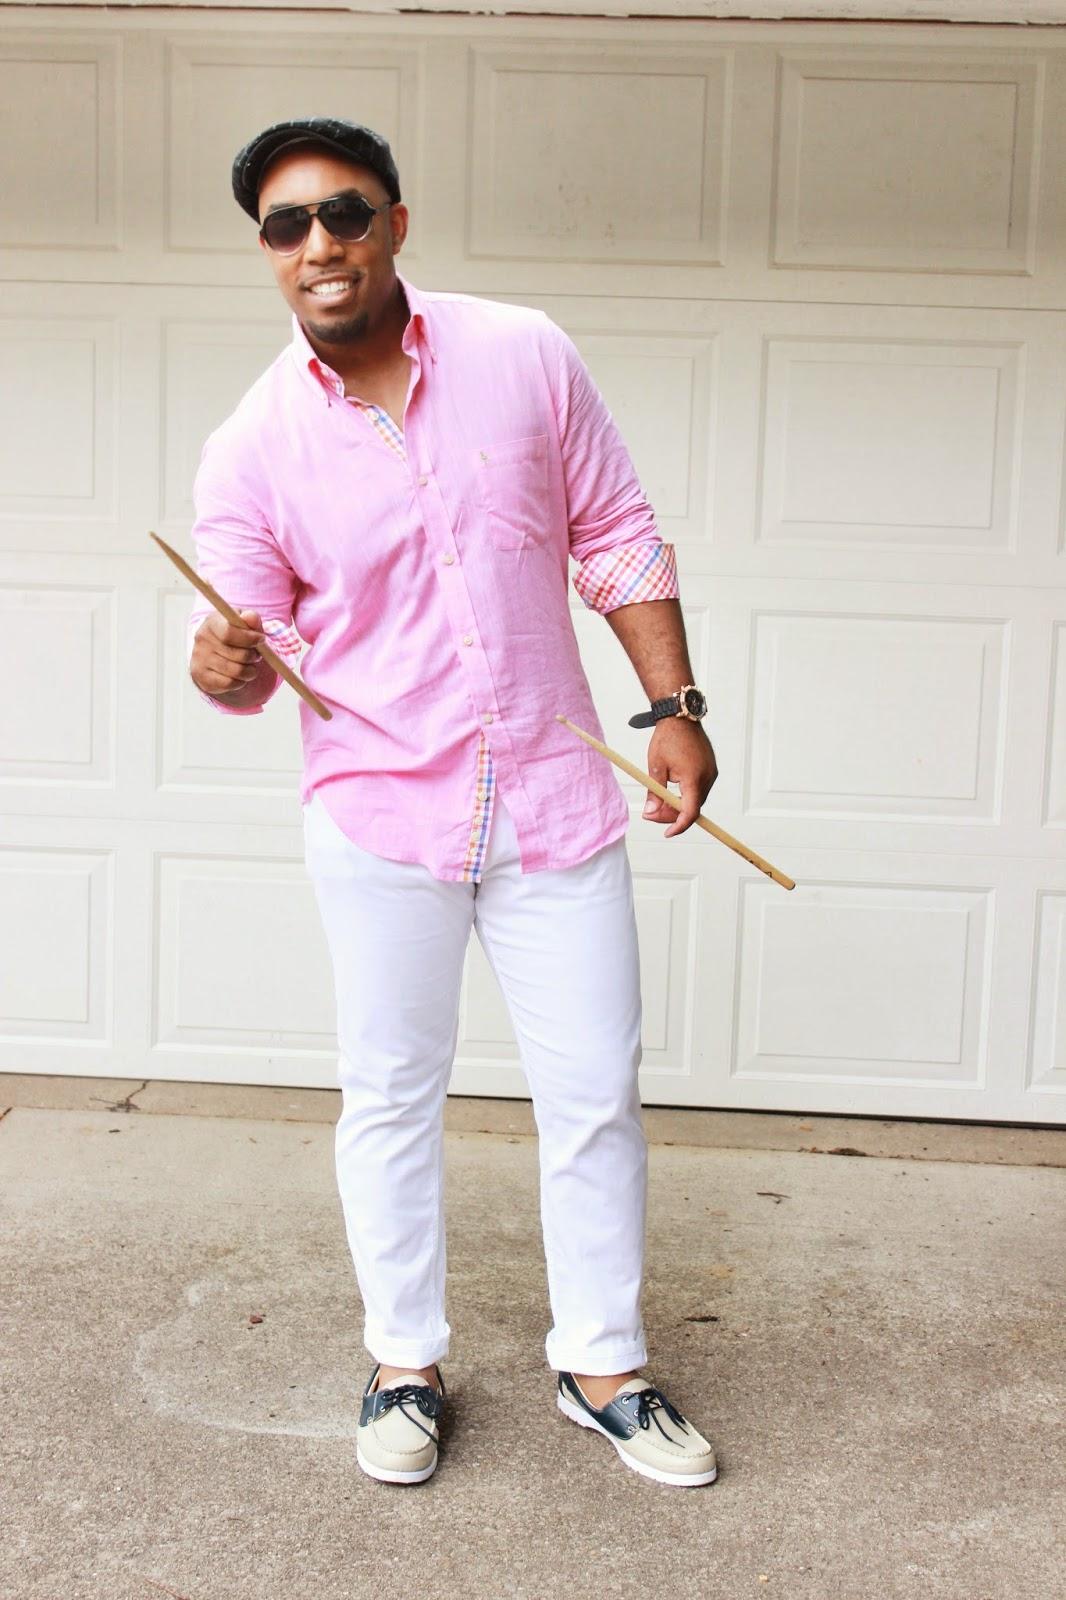 White Pants And Shirt | Pant So - photo#30